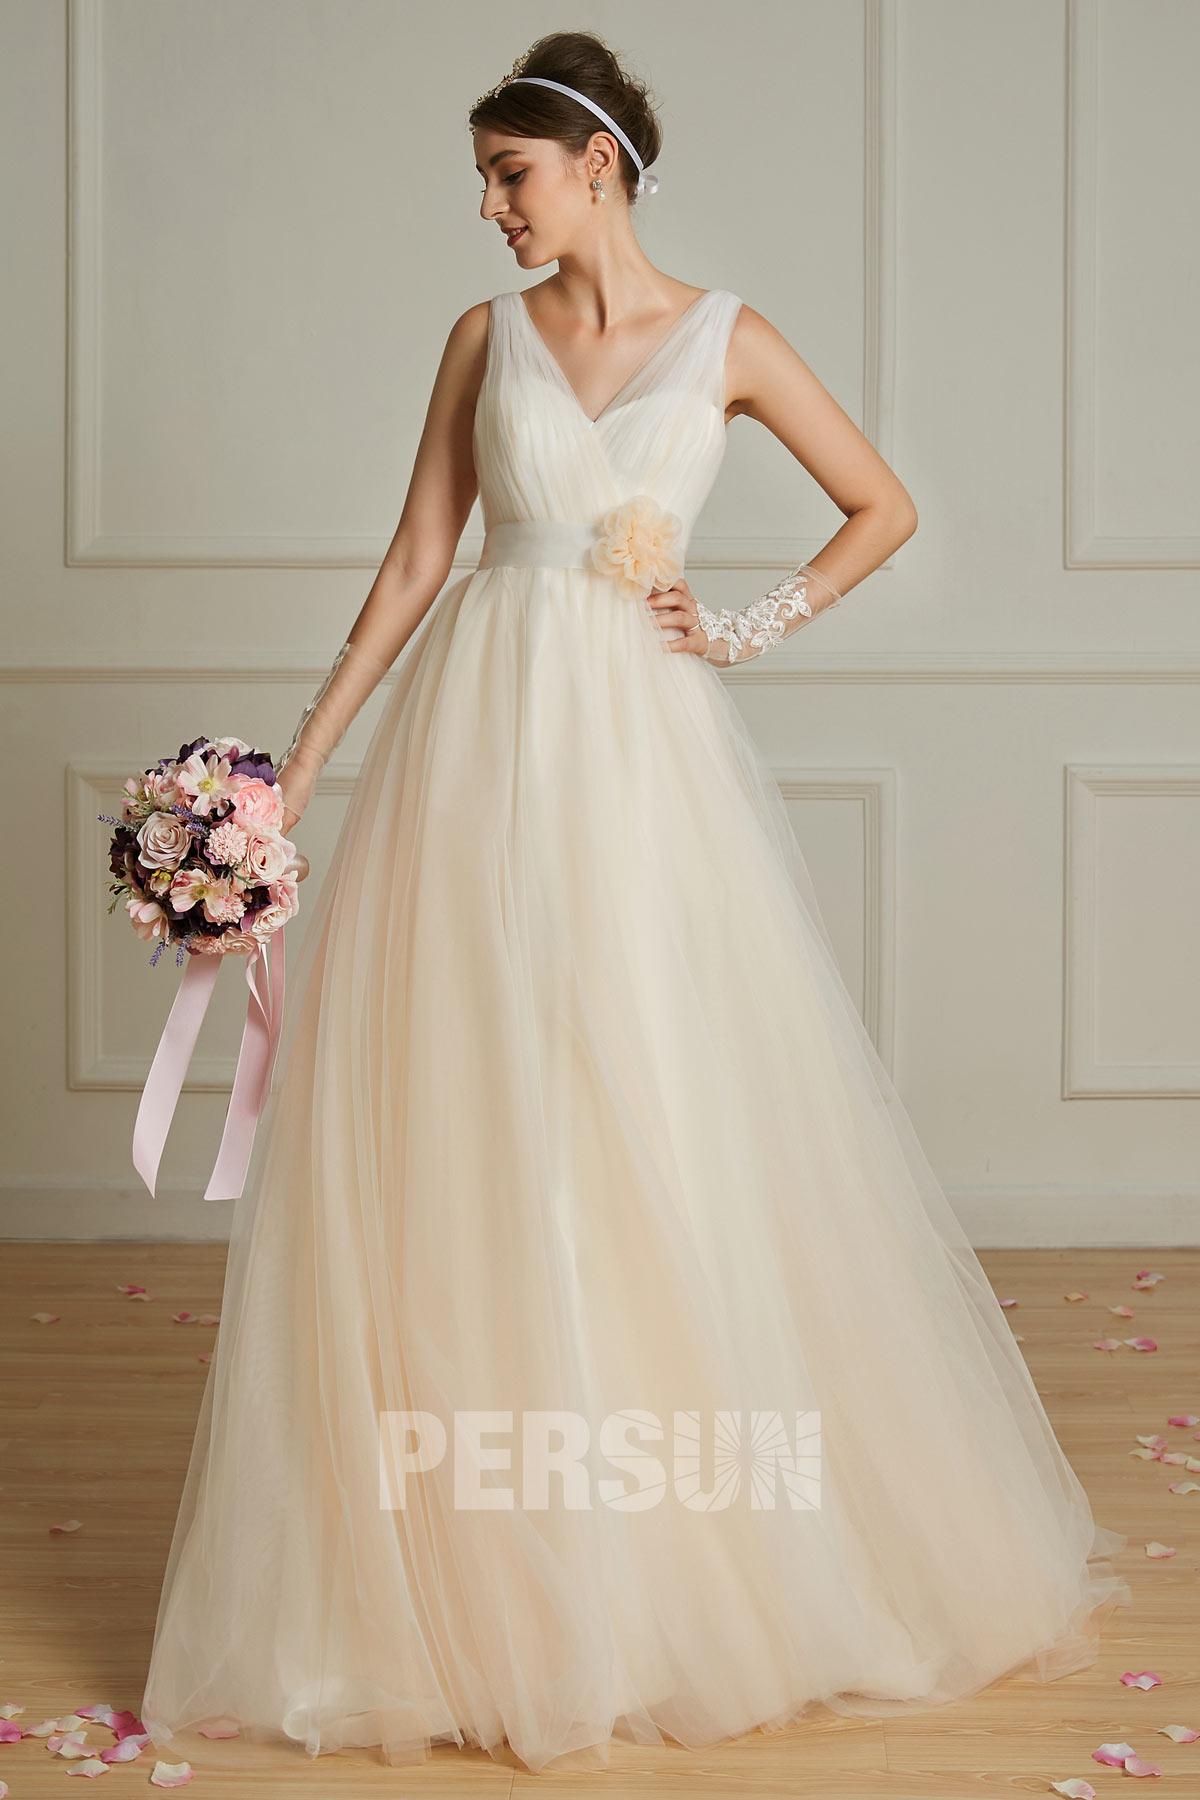 robe de mariée champagne clair 2019 style bohème col cache coeur